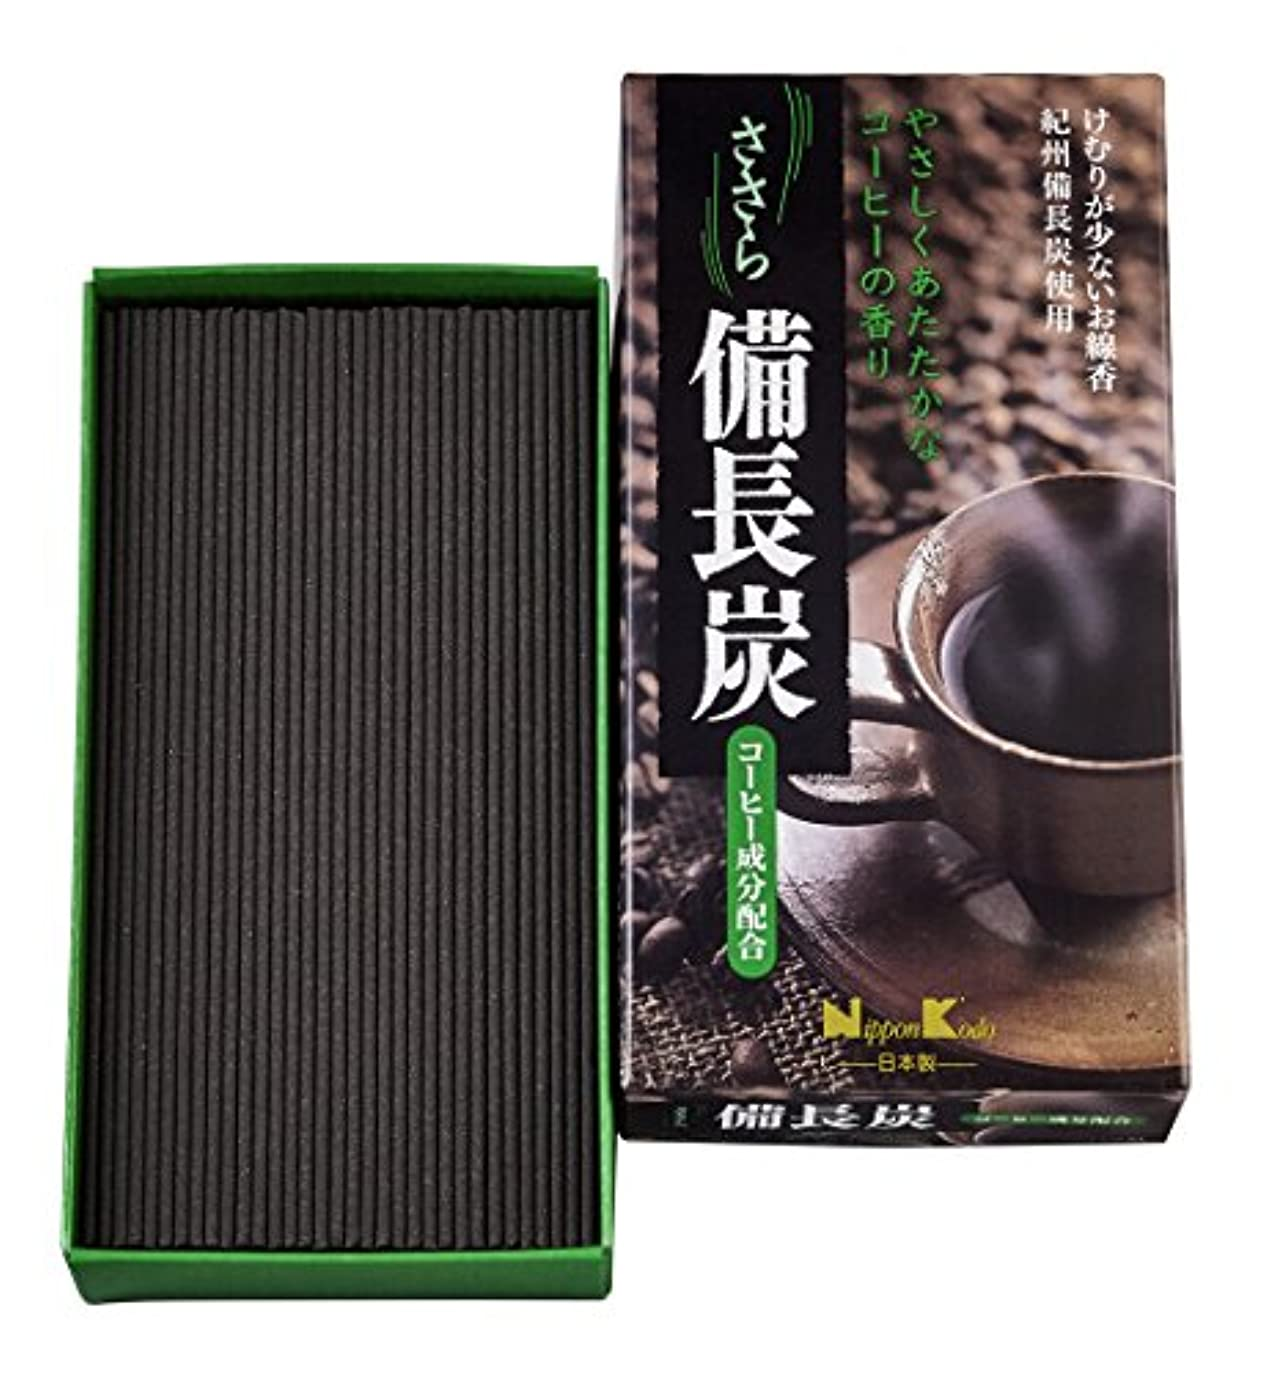 コテージ収まる配列ささら 備長炭 コーヒー バラ詰